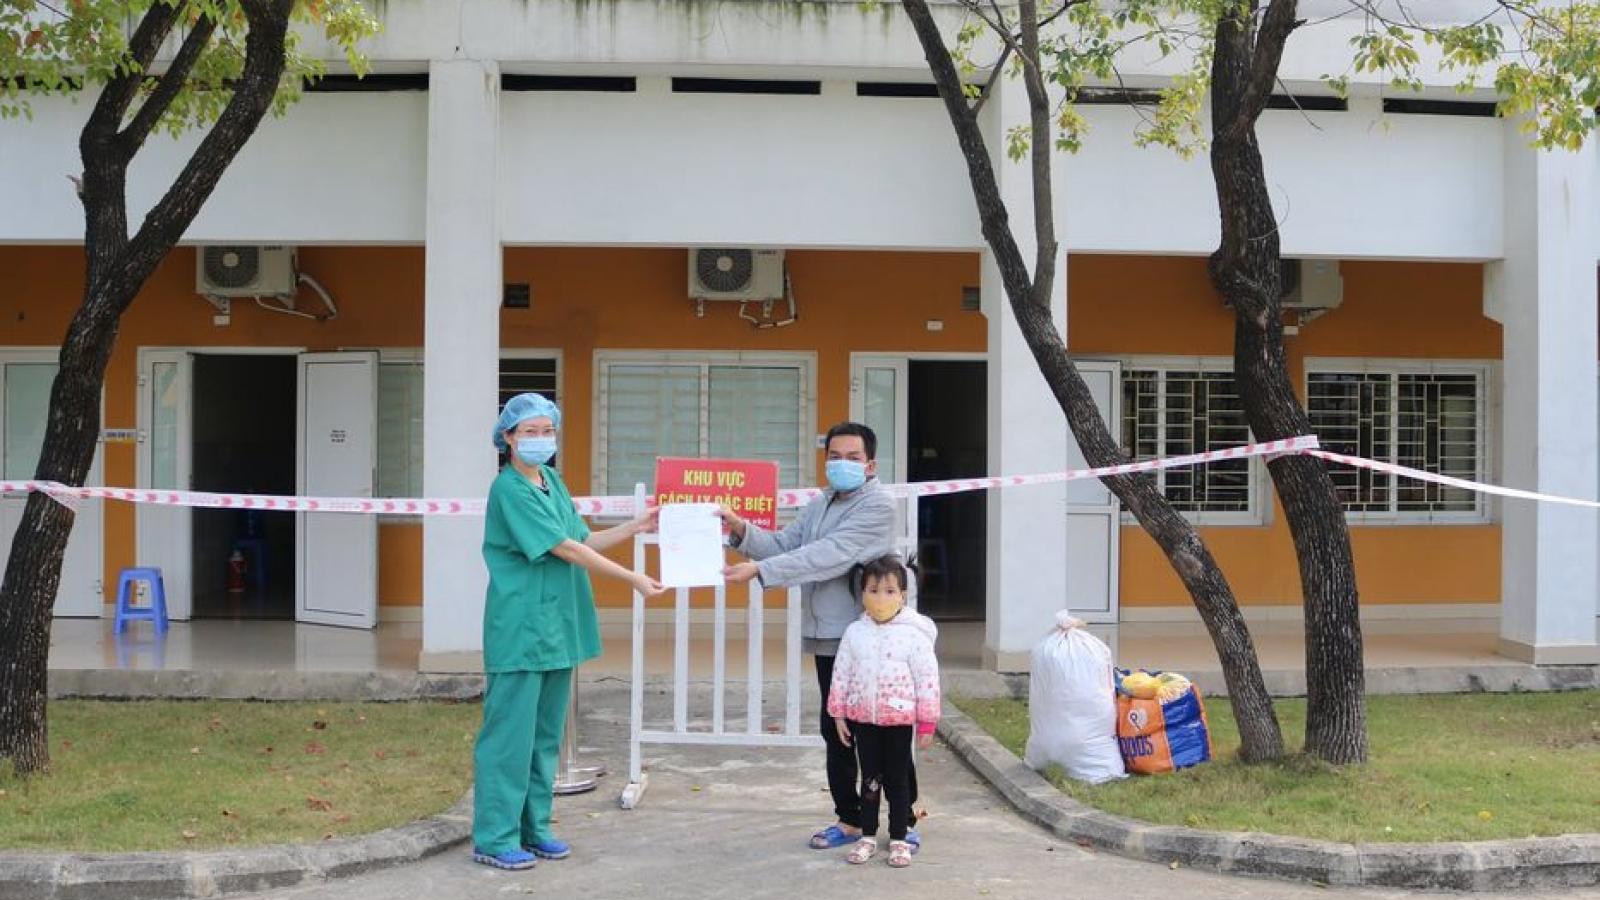 Quảng Ninh gỡ bỏ phong tỏa tạm thời với xã An Sinh và Việt Dân từ 0h00 ngày 18/2